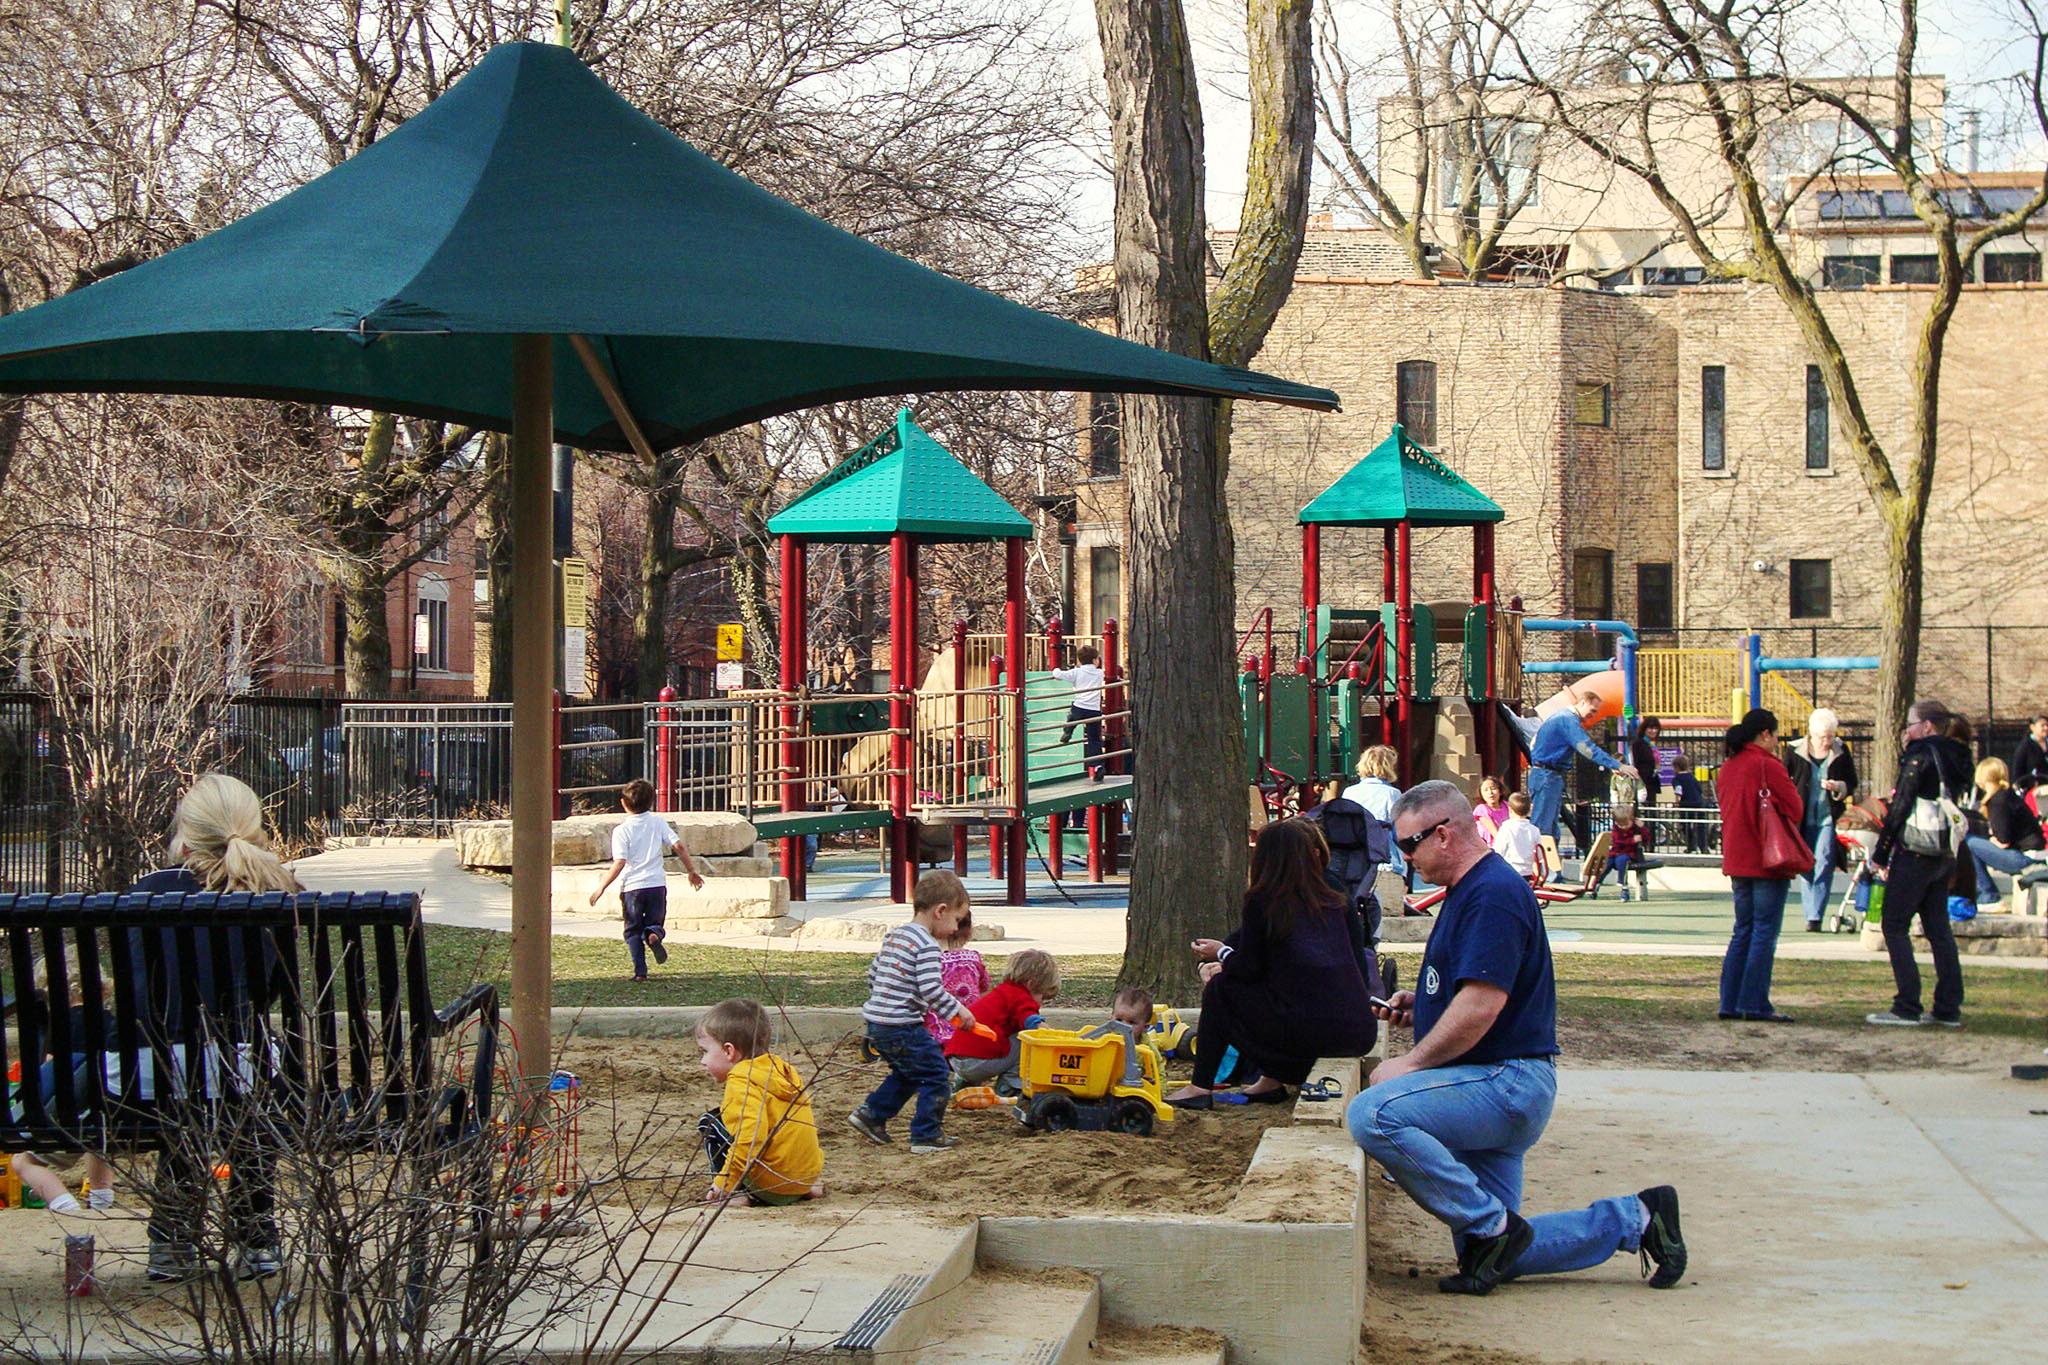 Adams Playground Park